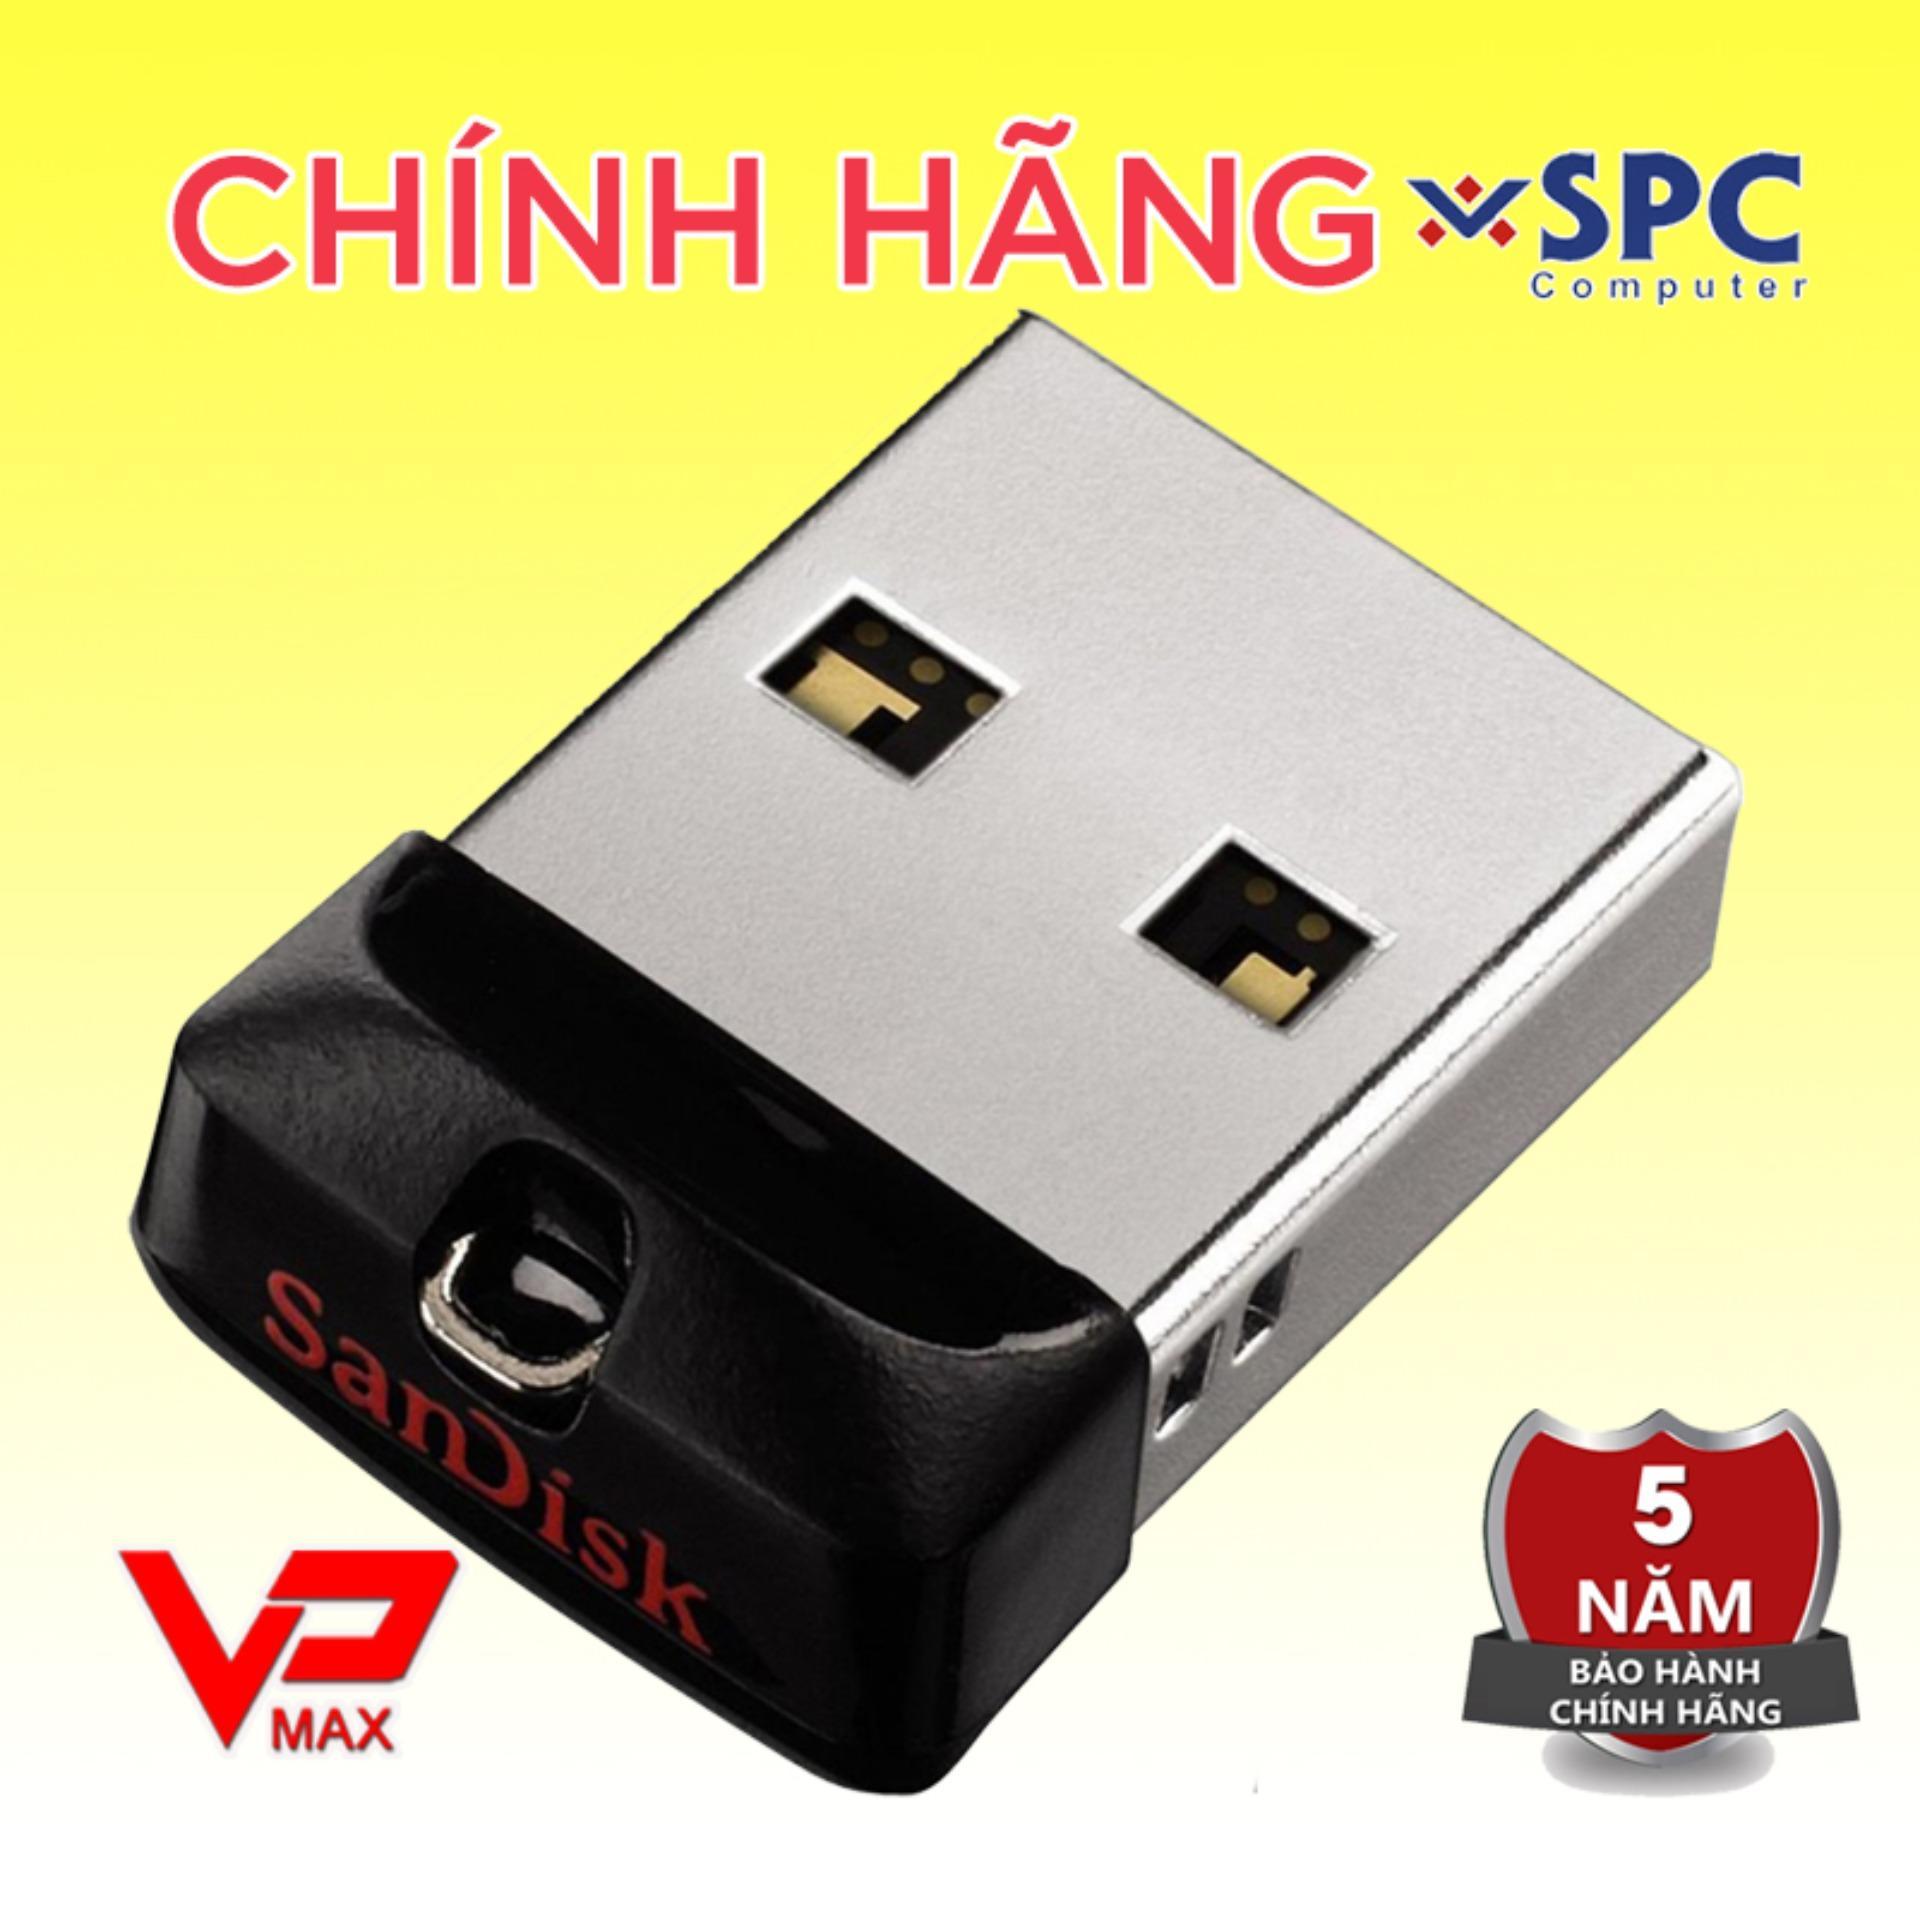 Giá Quá Tốt Để Có USB 32GB / 16GB Sandisk CZ33 Mini Cho Xe Hơi Bảo Hành 5 Năm